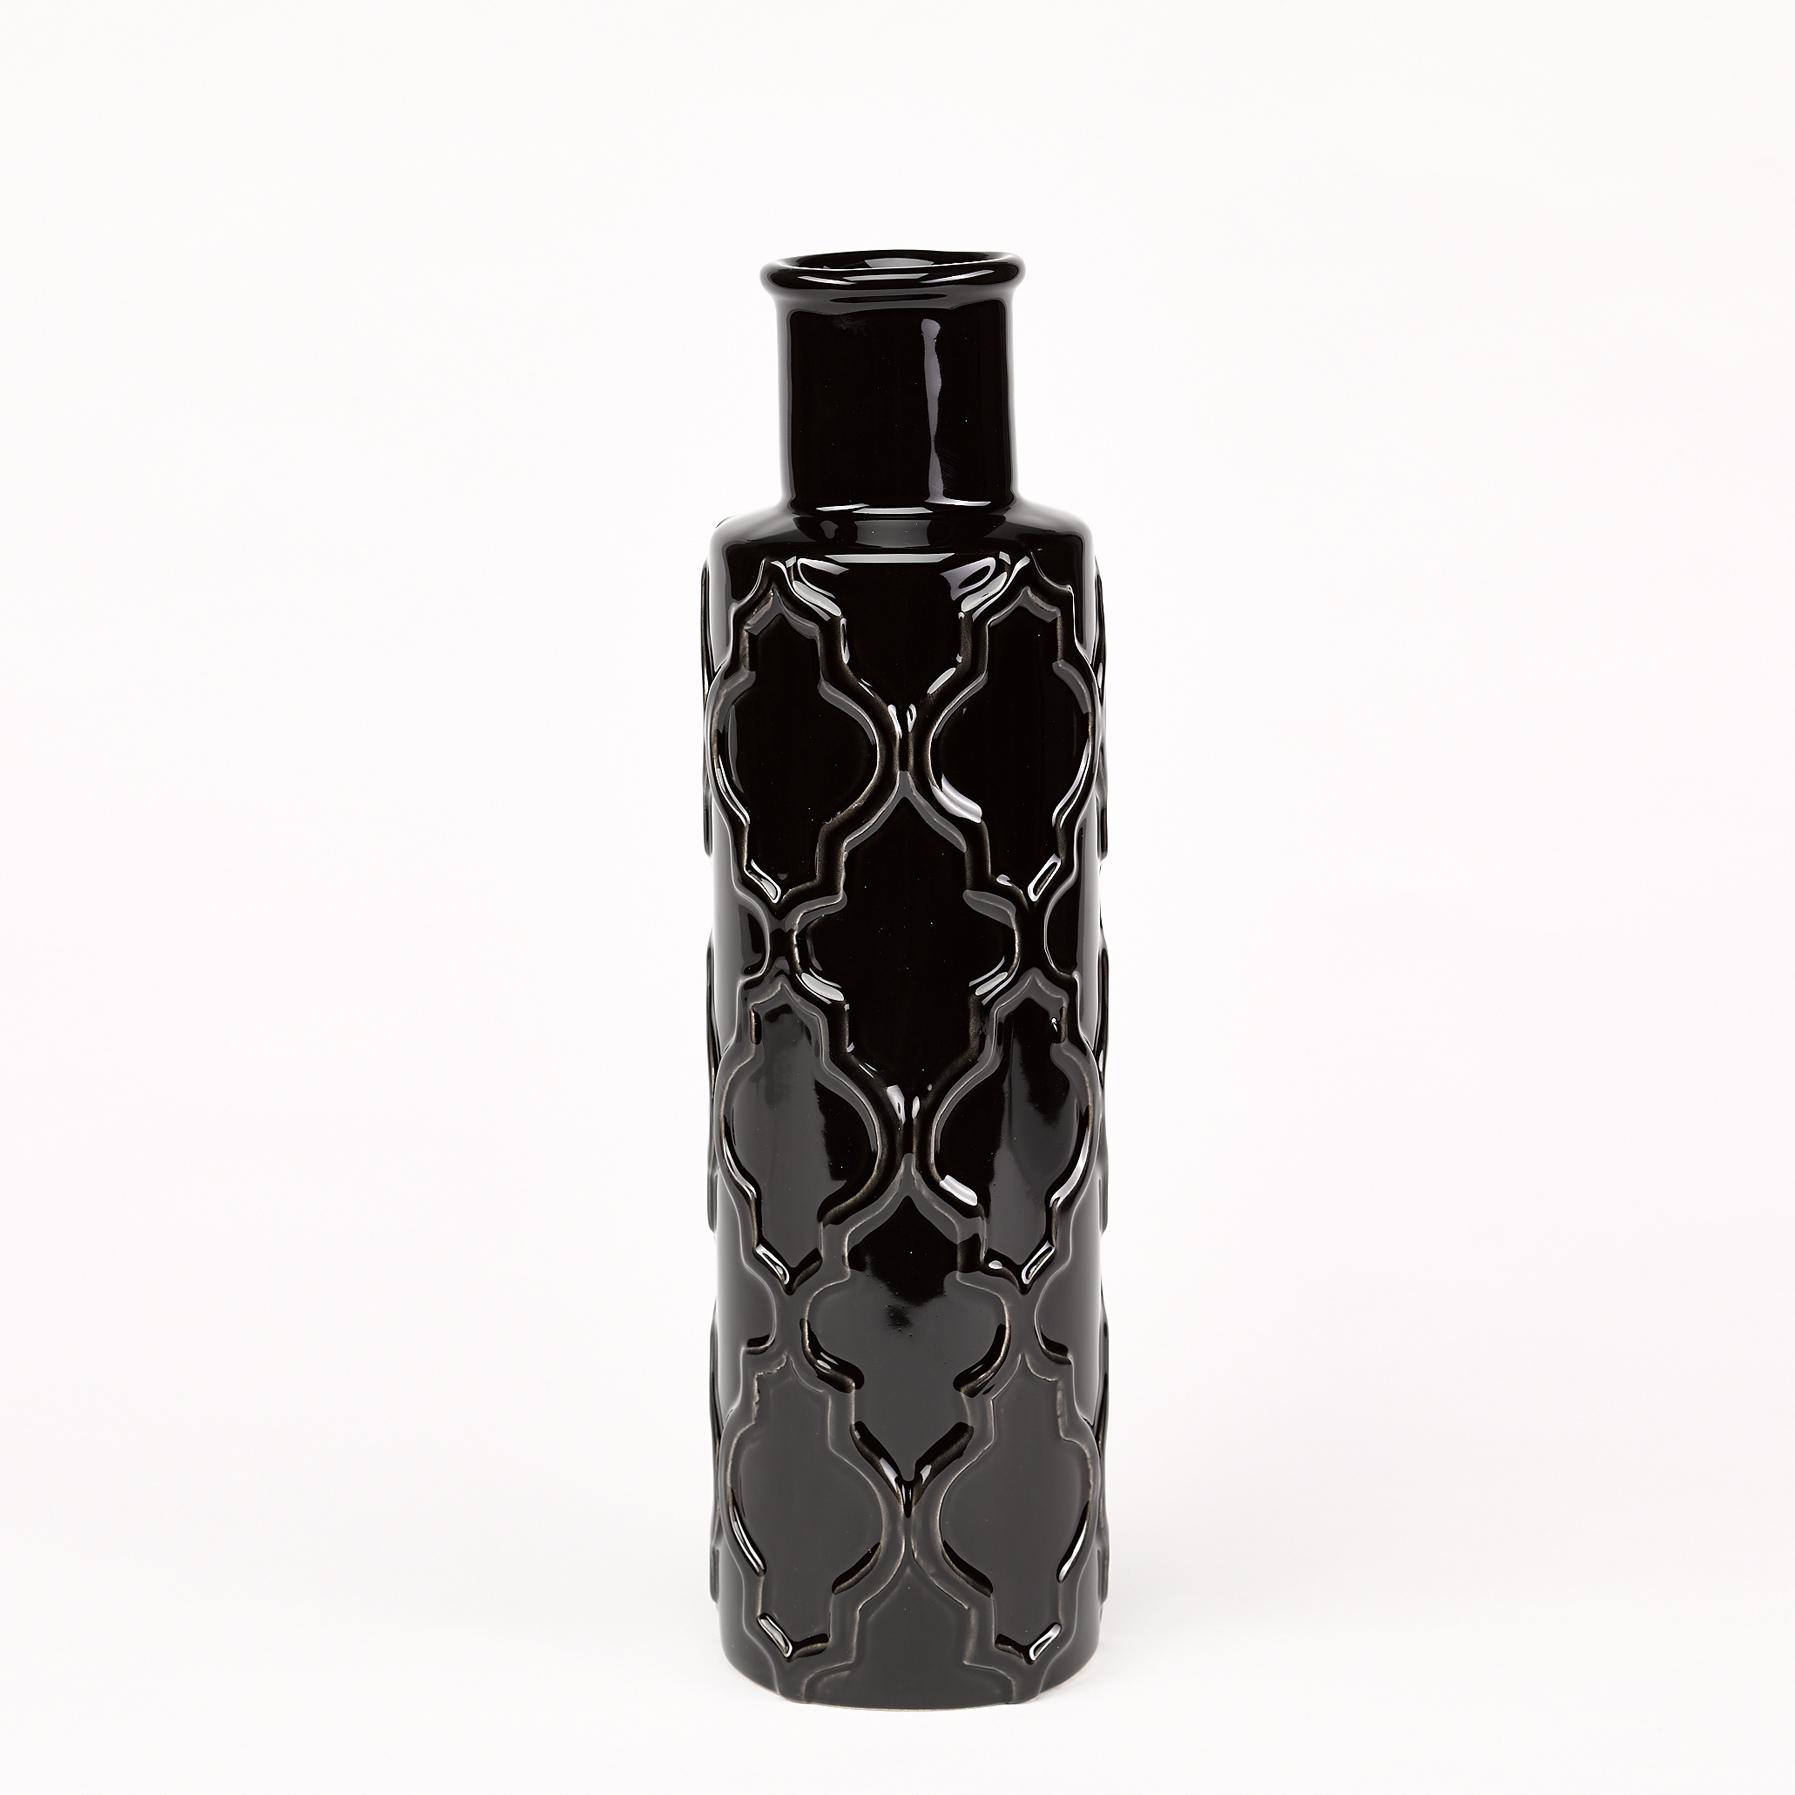 vase dolomite noir boutique prestige chalets. Black Bedroom Furniture Sets. Home Design Ideas